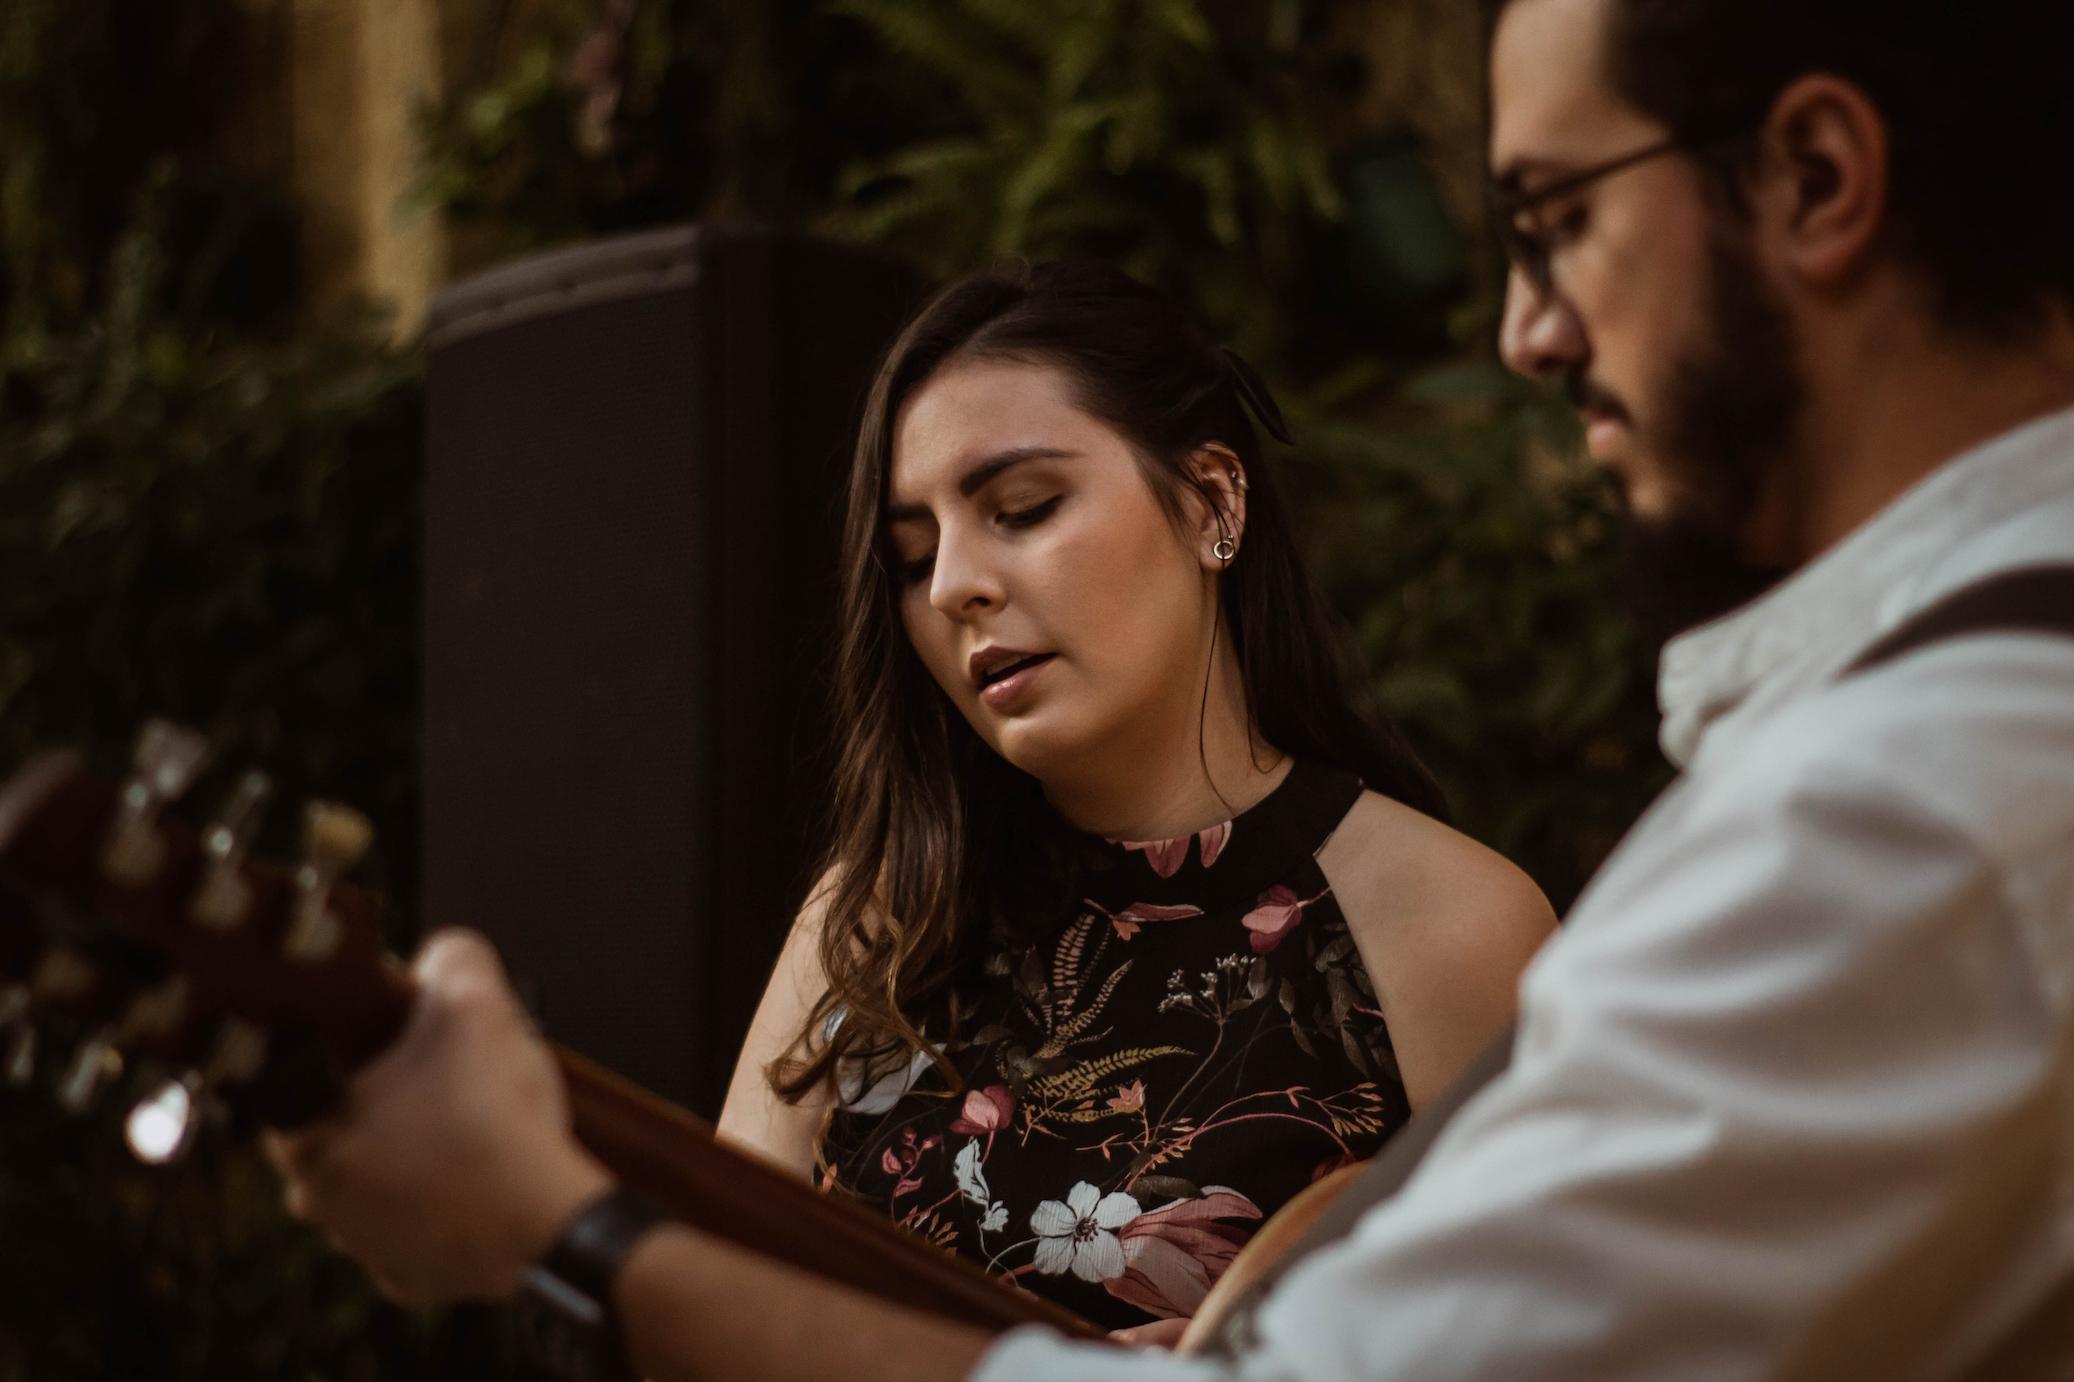 Foto Casamento Mariana e André Voz Violão Violino 02